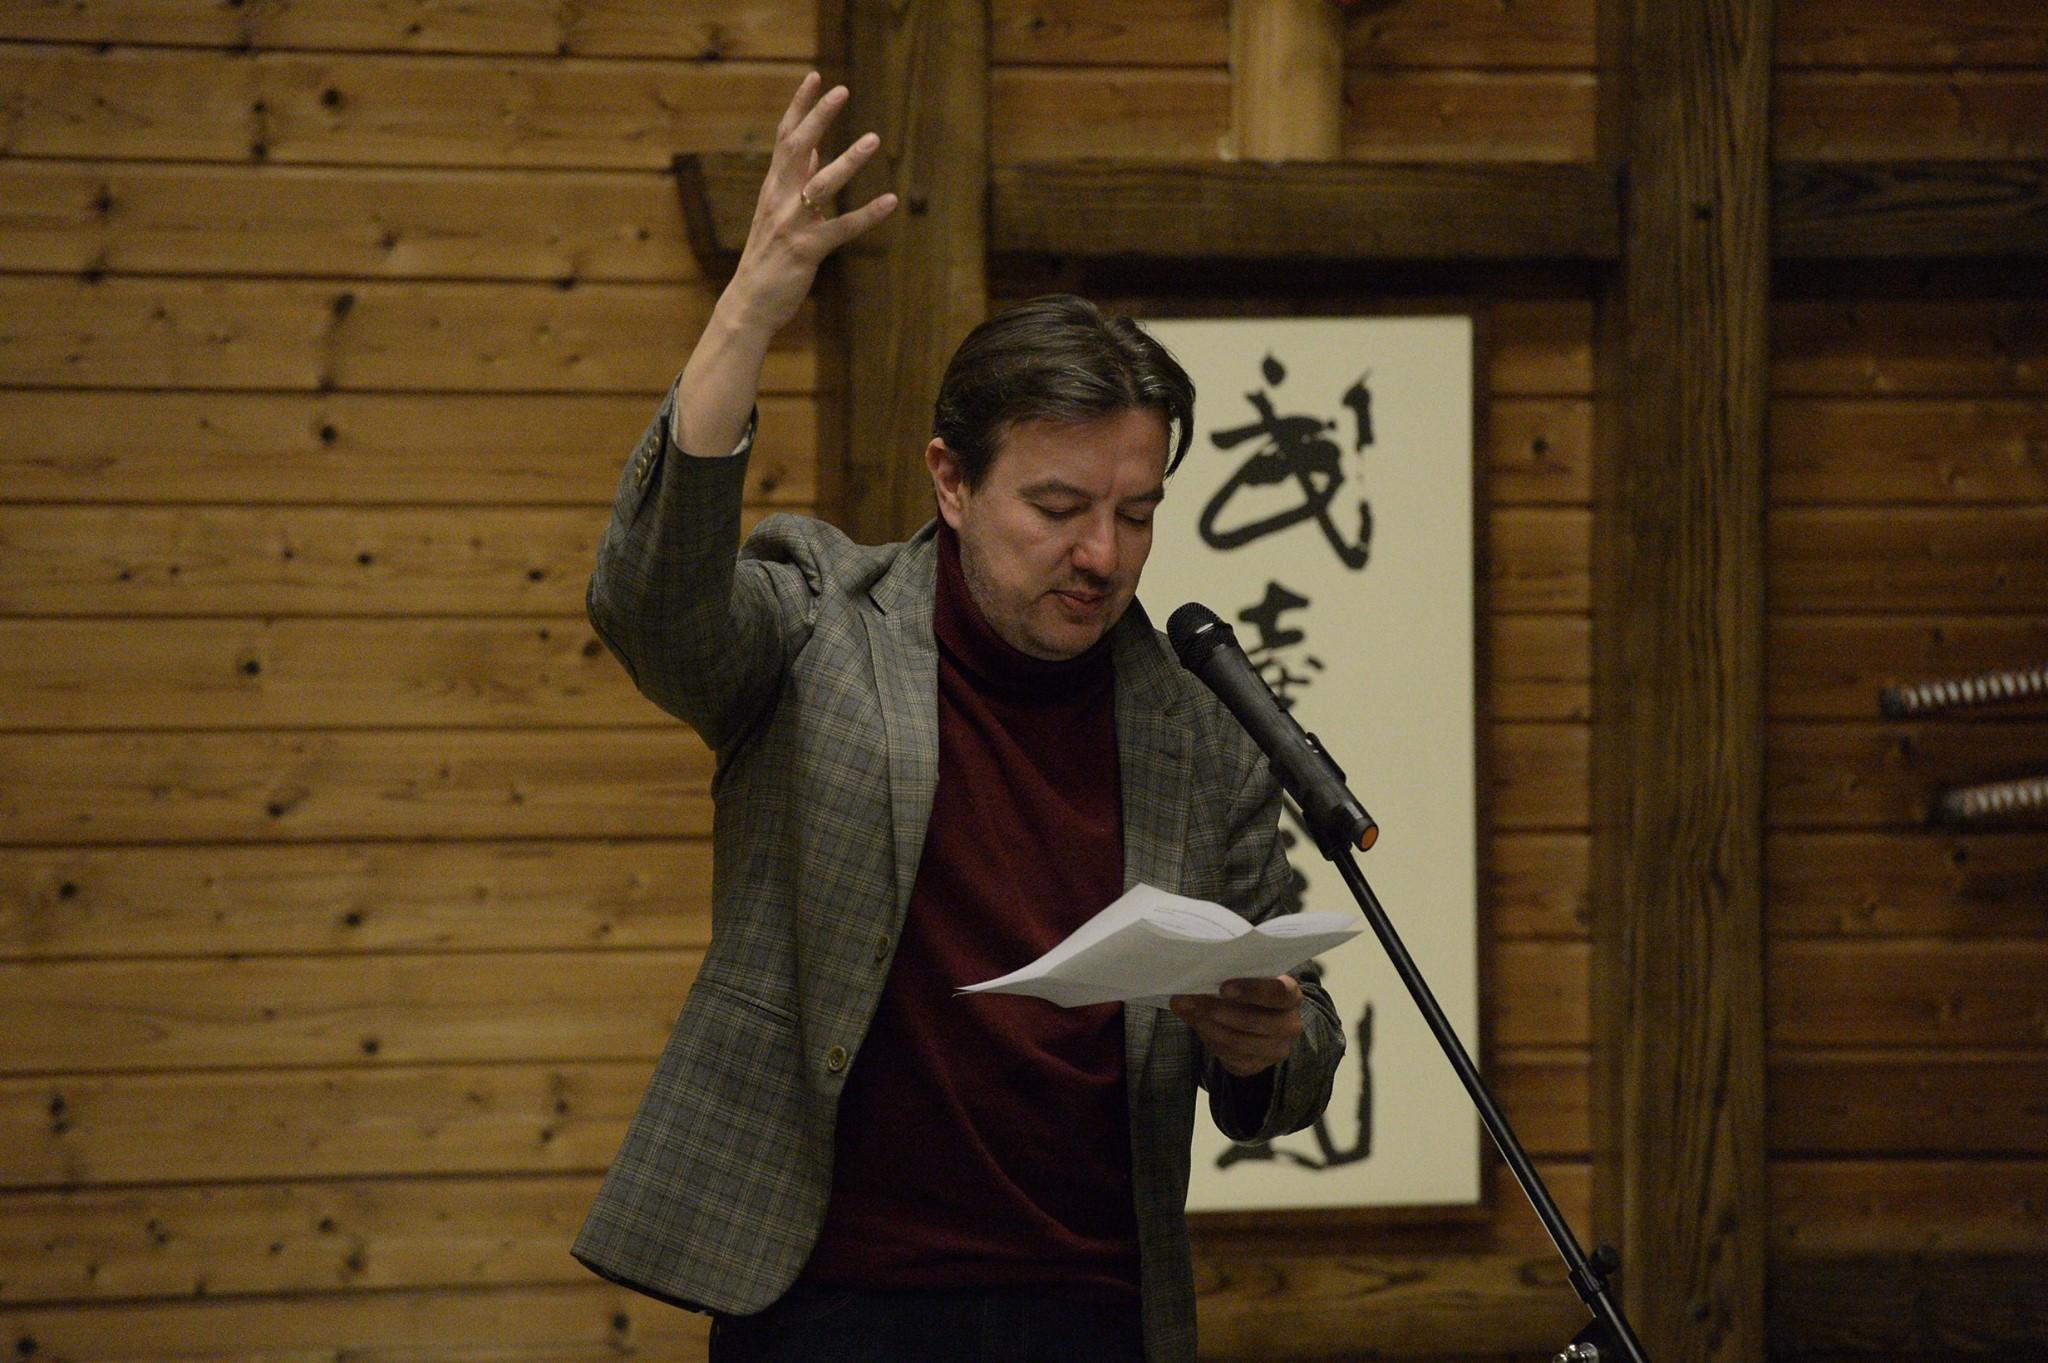 Известного украинского поэта, который получил спецприз на «Коронации слова» обобрали до нити на запорожском вокзале